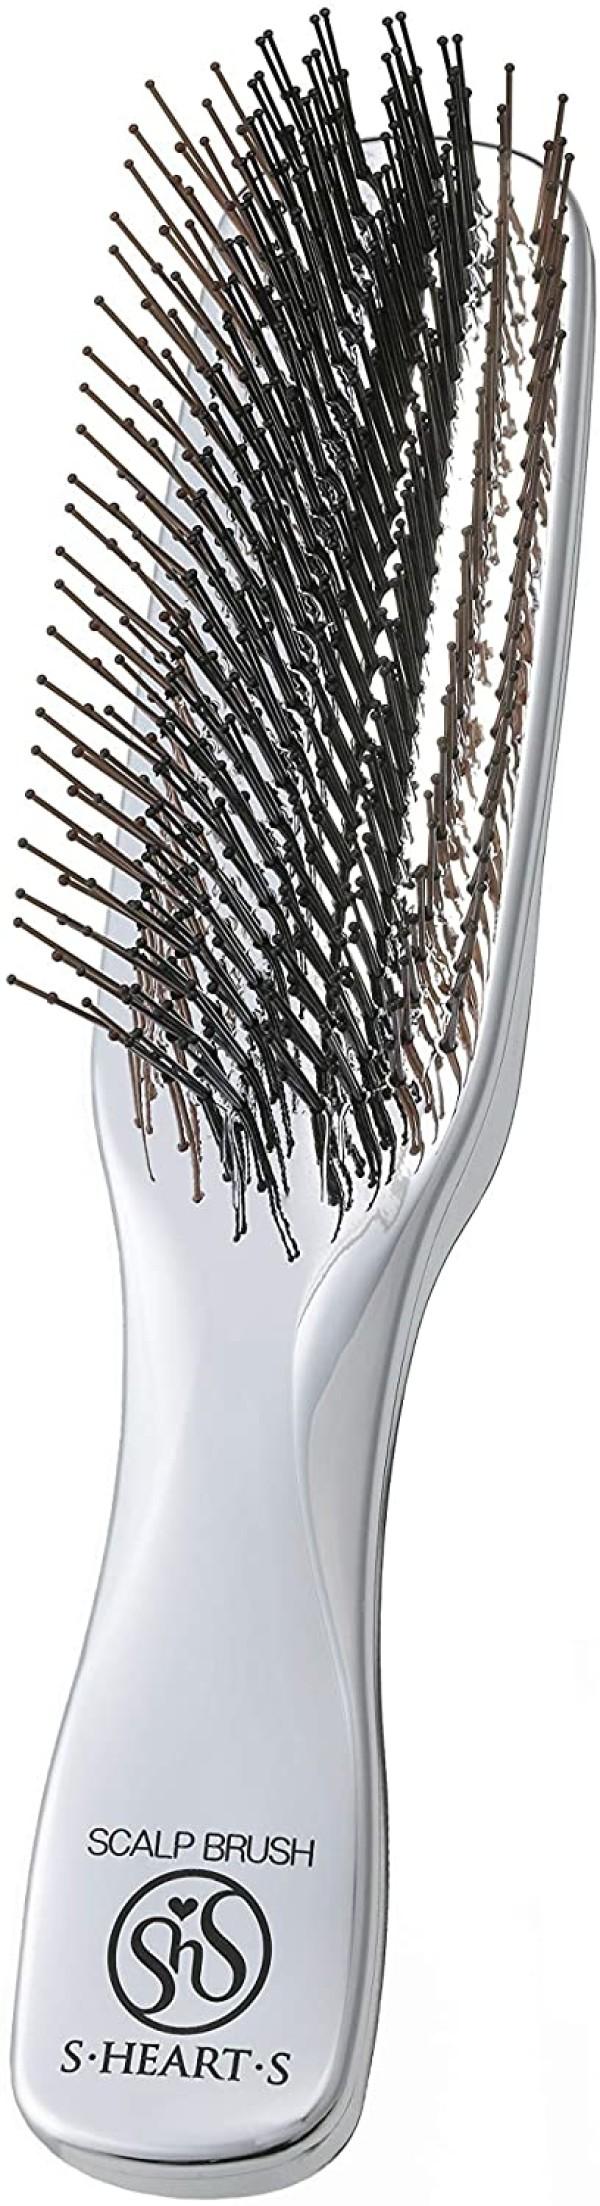 Массажная расческа для мытья и укладки волос S-Heart-S Scalp Brush Plus (Long)